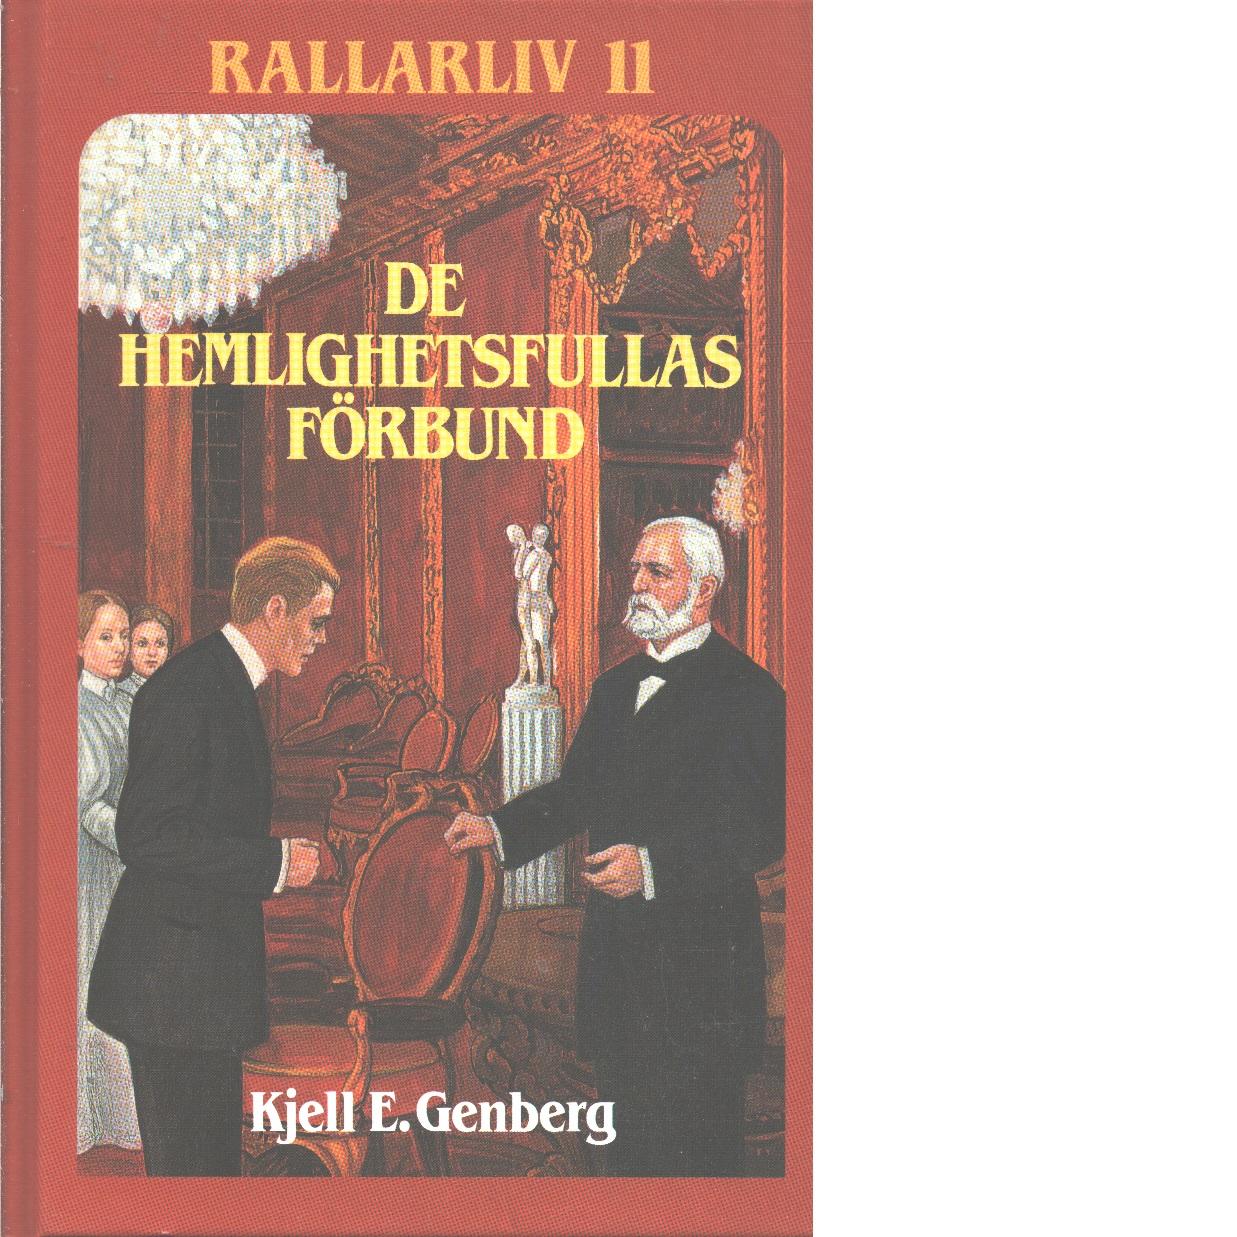 Rallarliv 11 : De hemlighetsfullas förbund - Genberg, Kjell E.